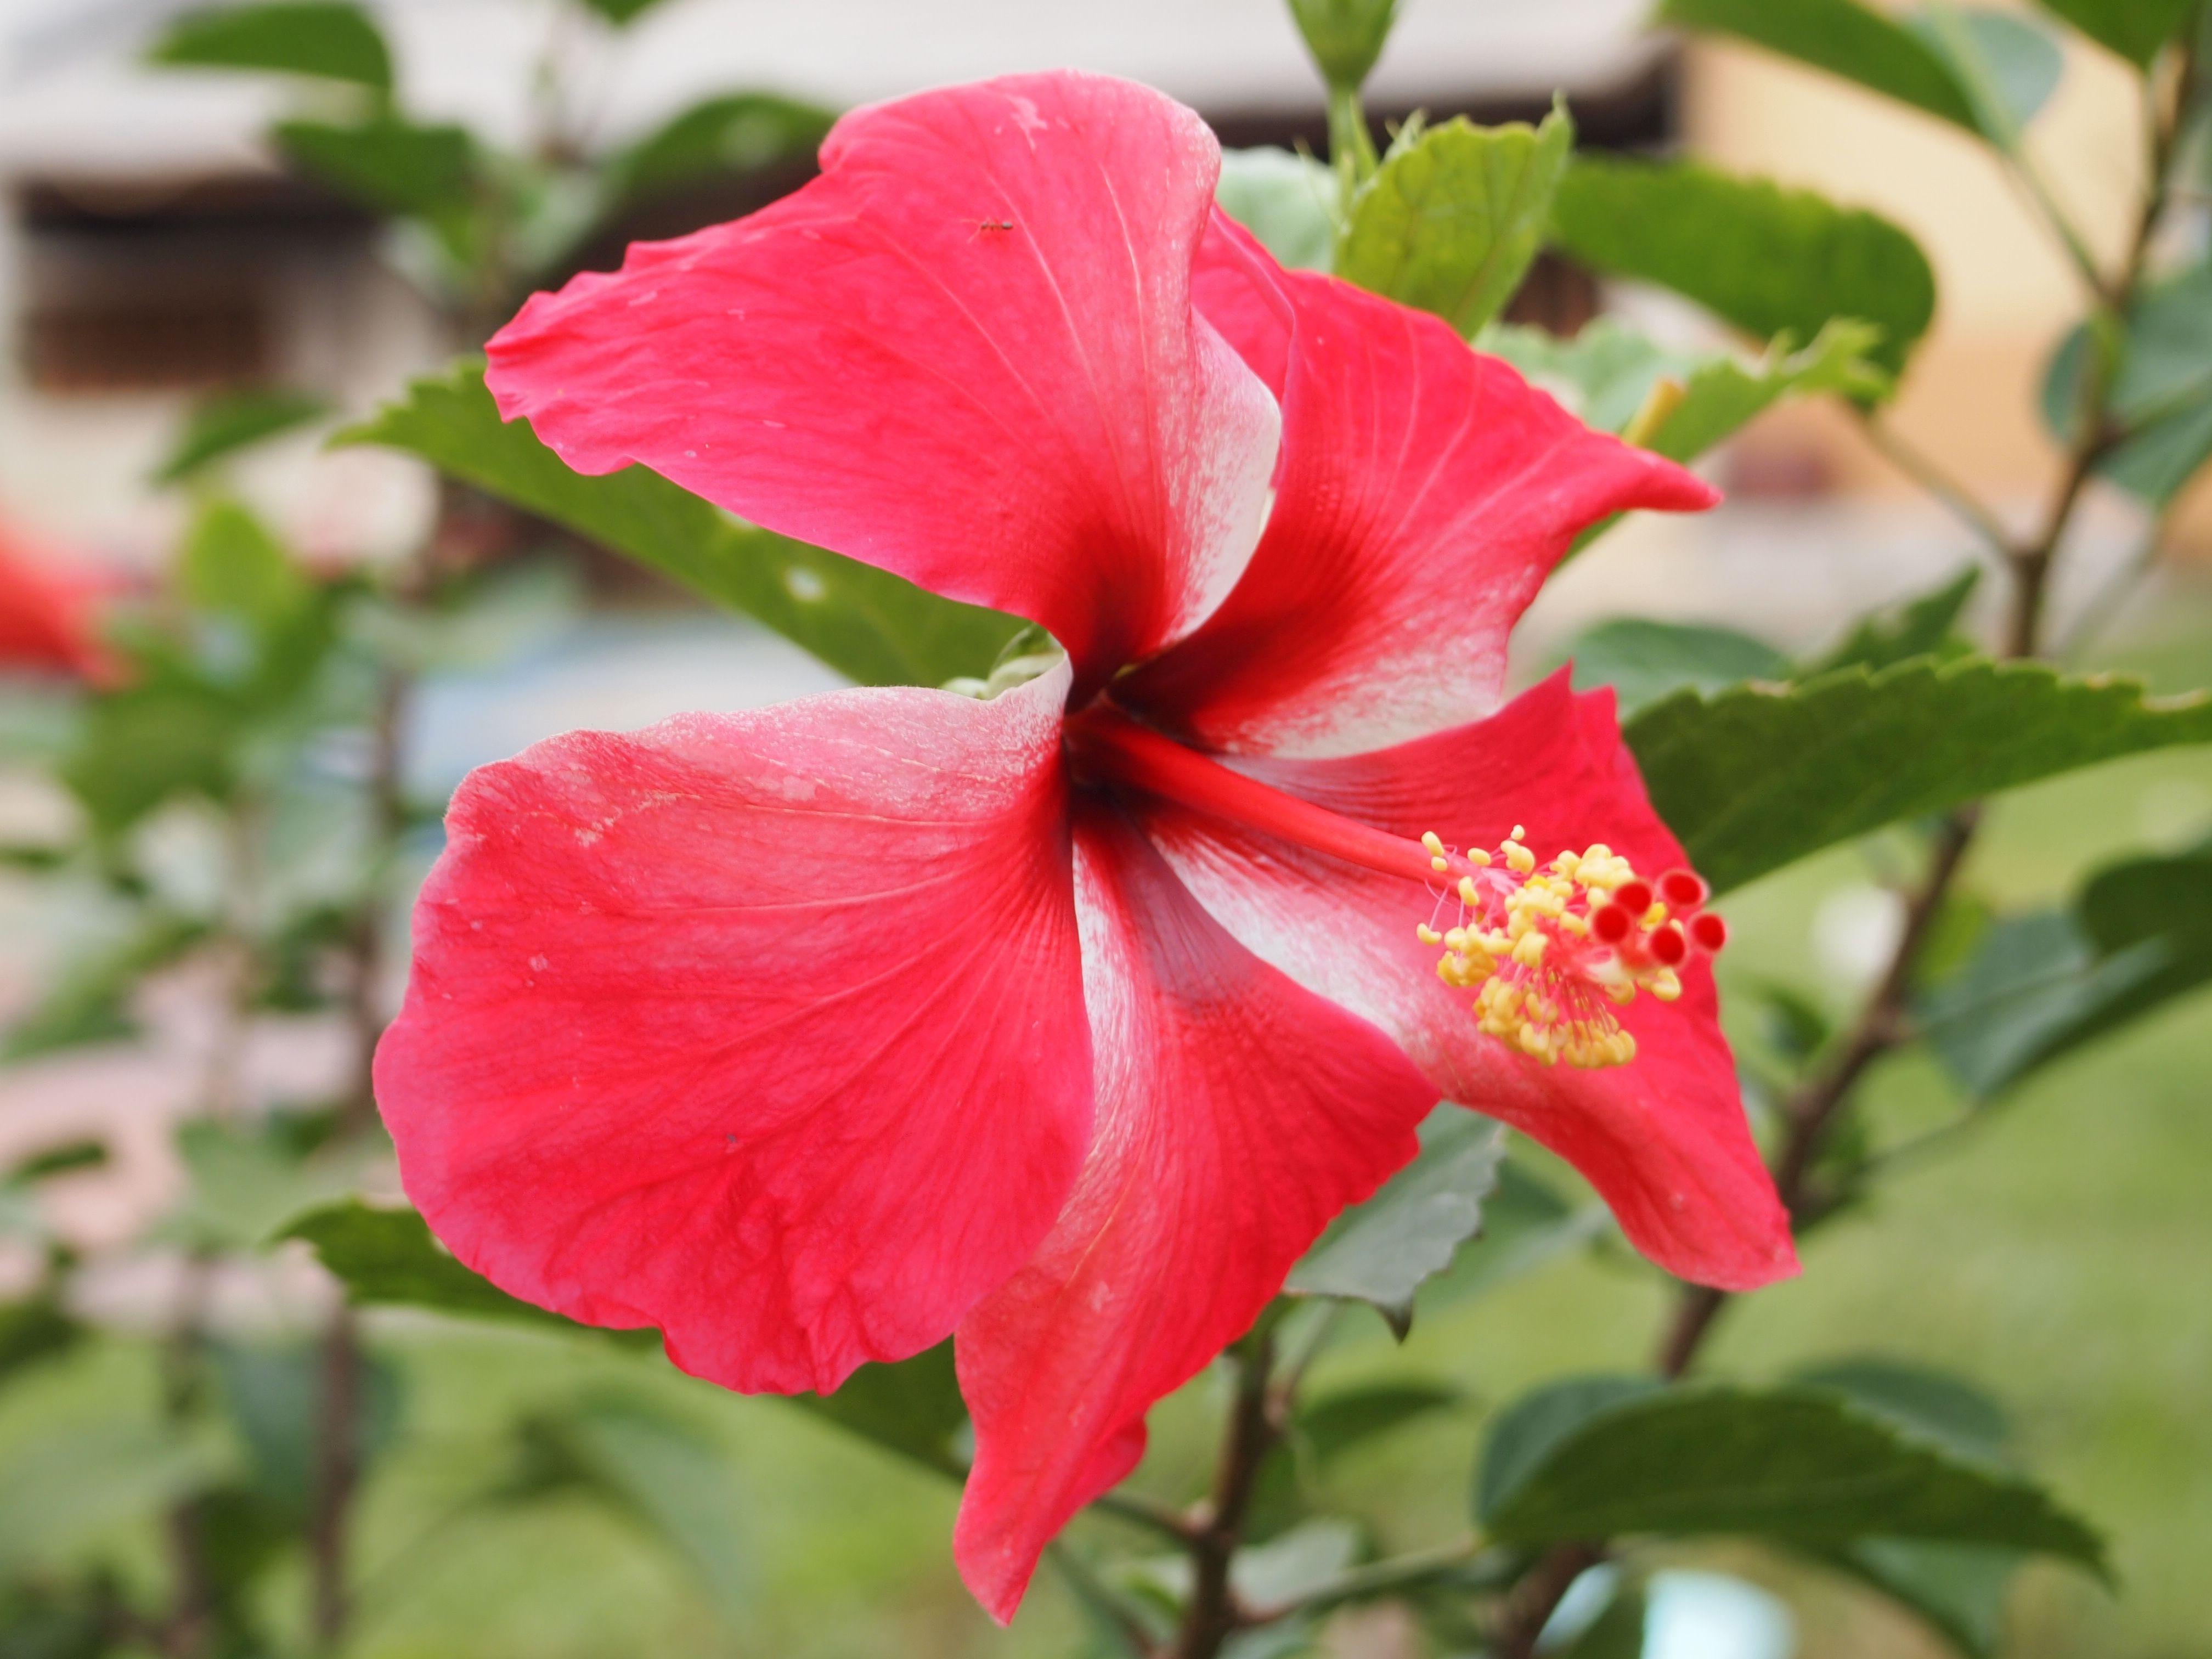 Hibiscus tea health benefits of drinking hibiscus tea veg hibiscus tea health benefits of drinking hibiscus tea izmirmasajfo